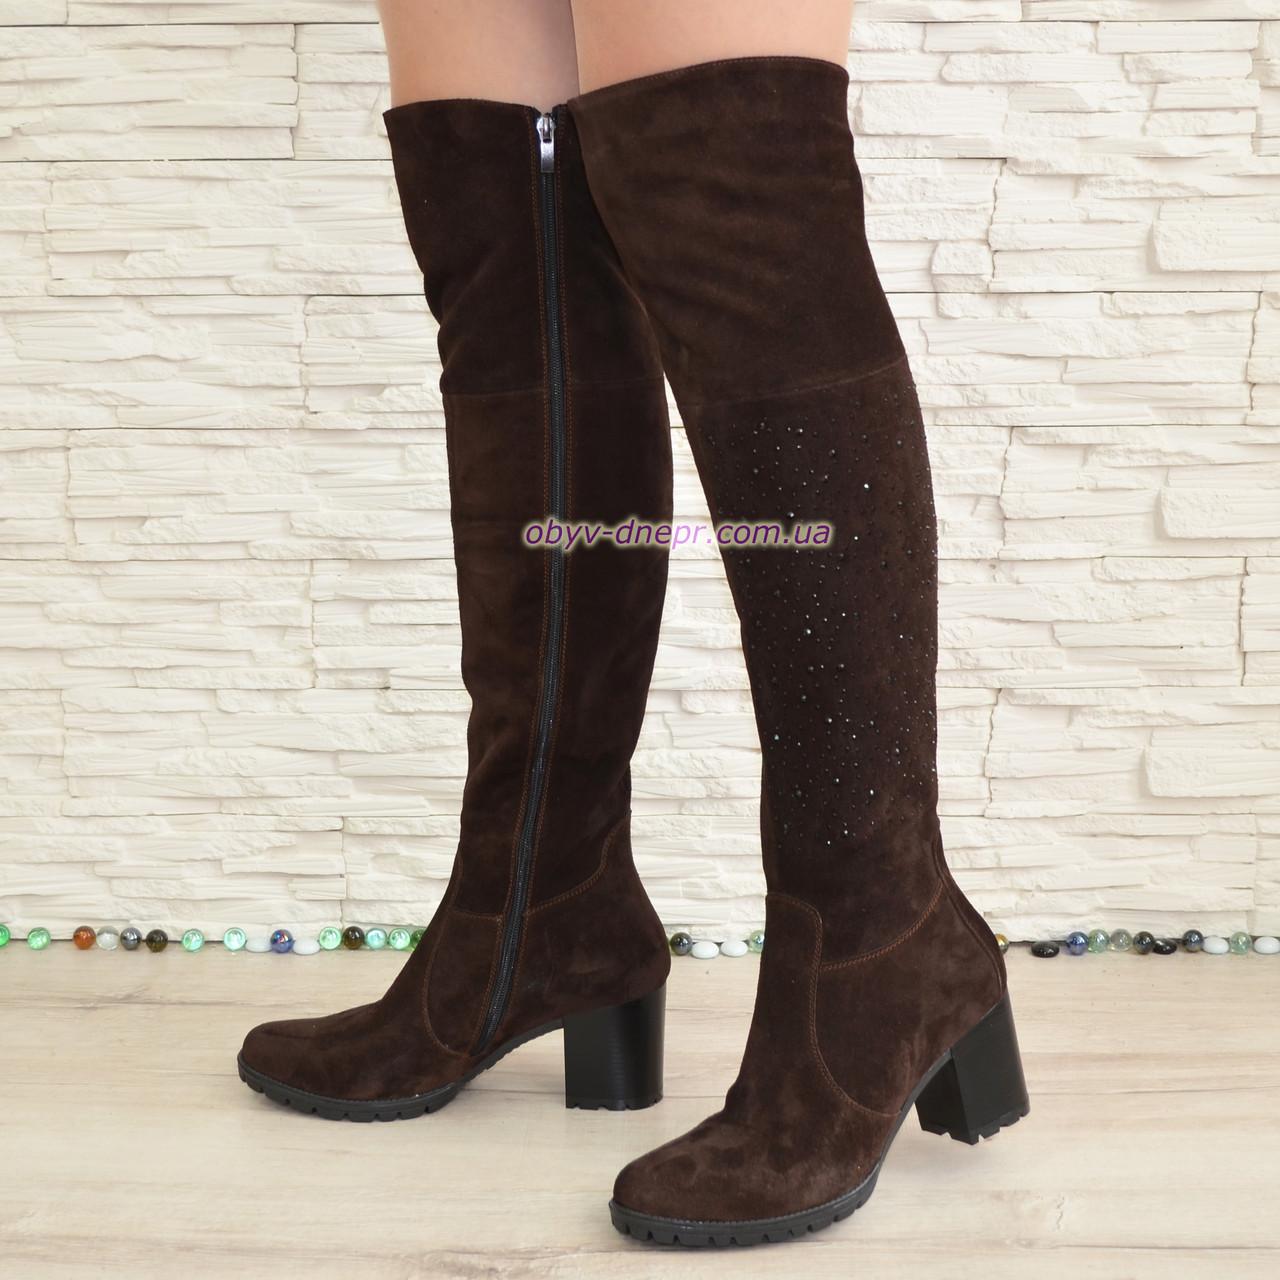 Ботфорты демисезонные замшевые на устойчивом каблуке, цвет коричневый.